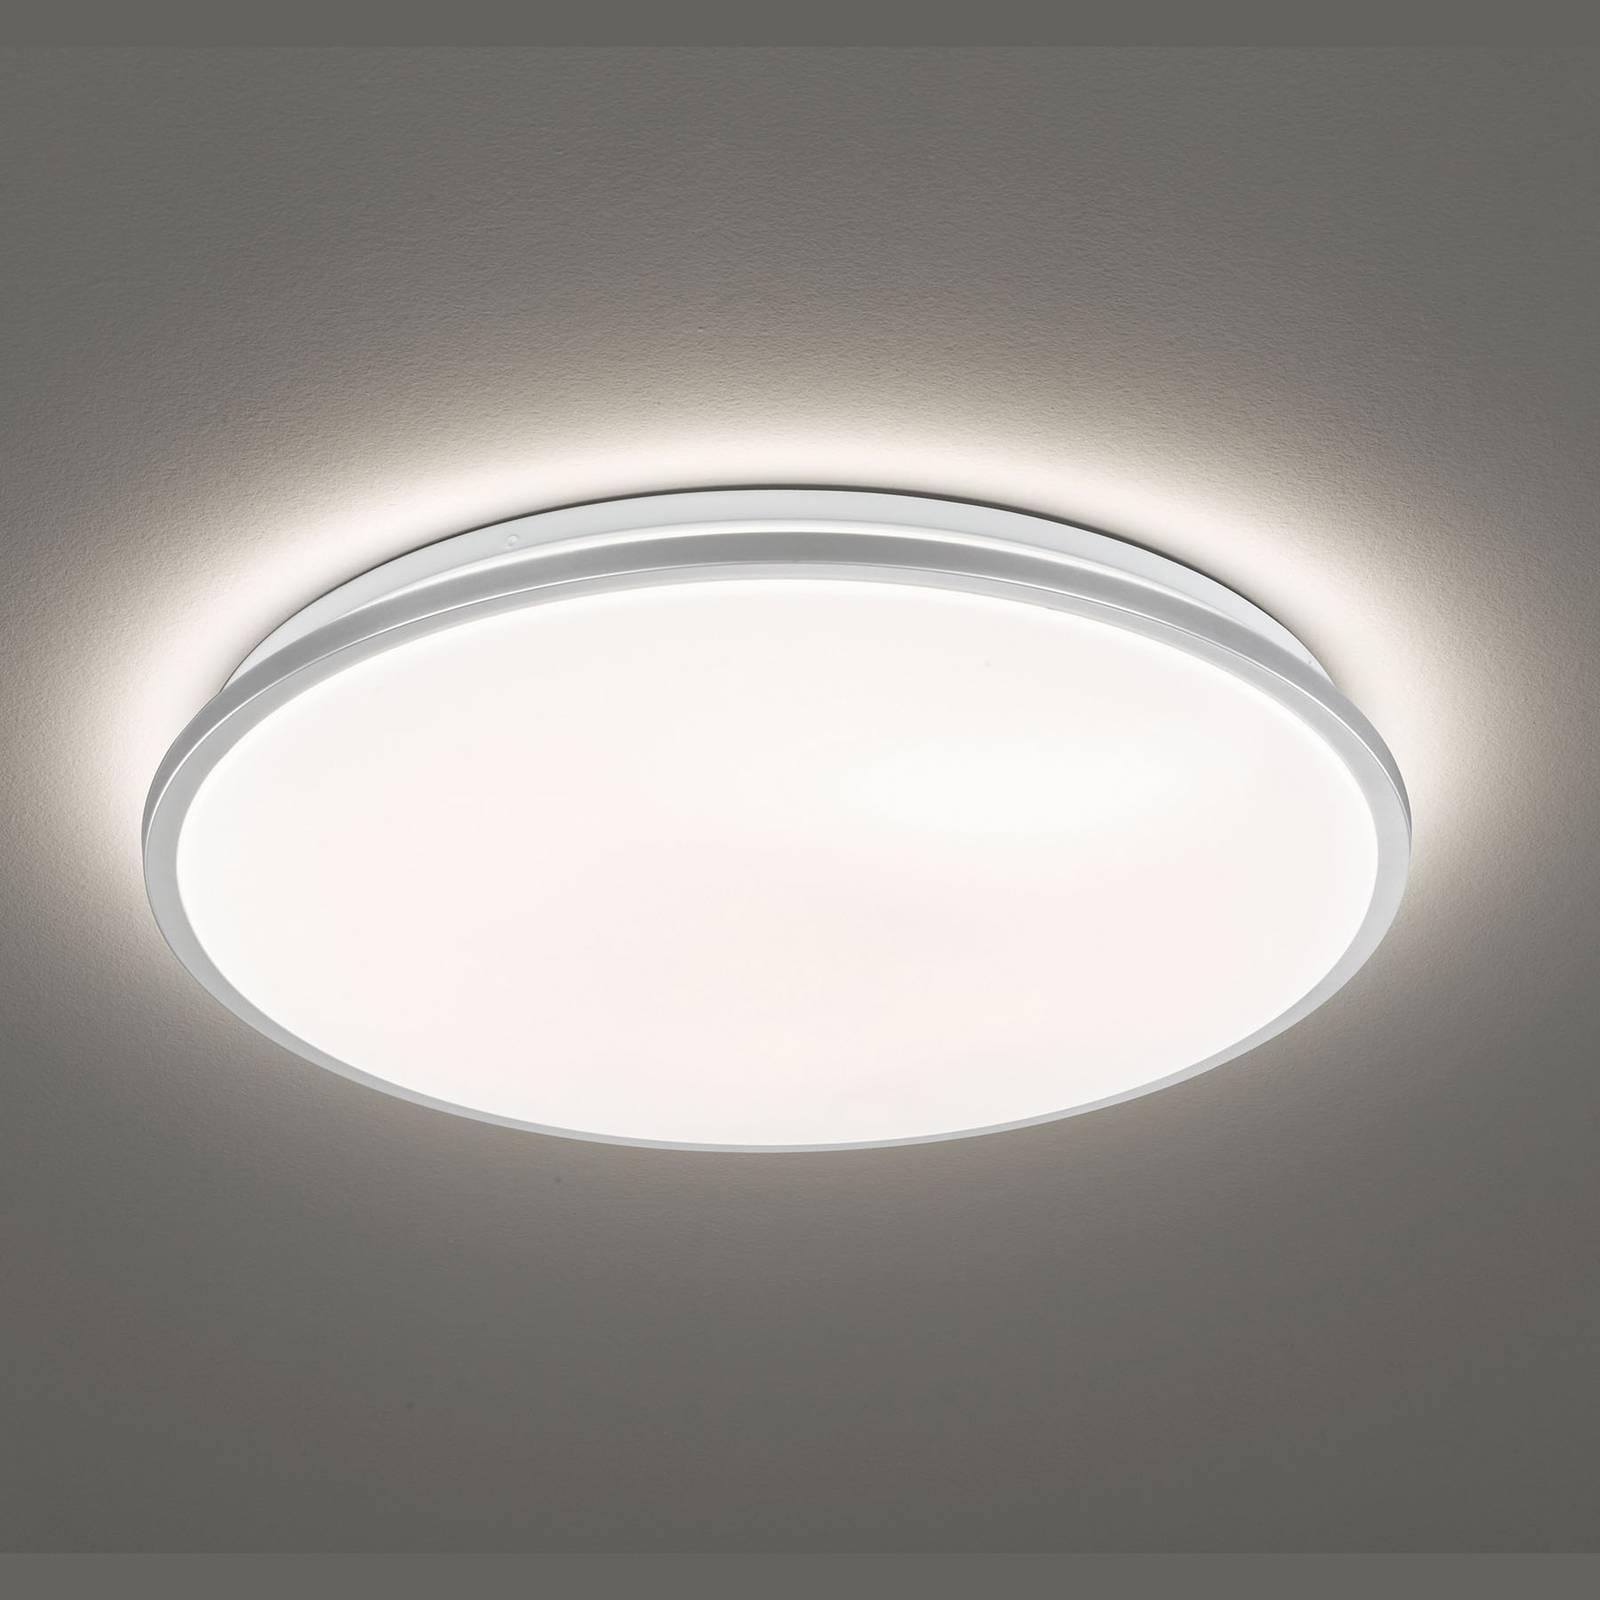 LED plafondlamp Jaso, dimbaar, Ø 40 cm, zilver